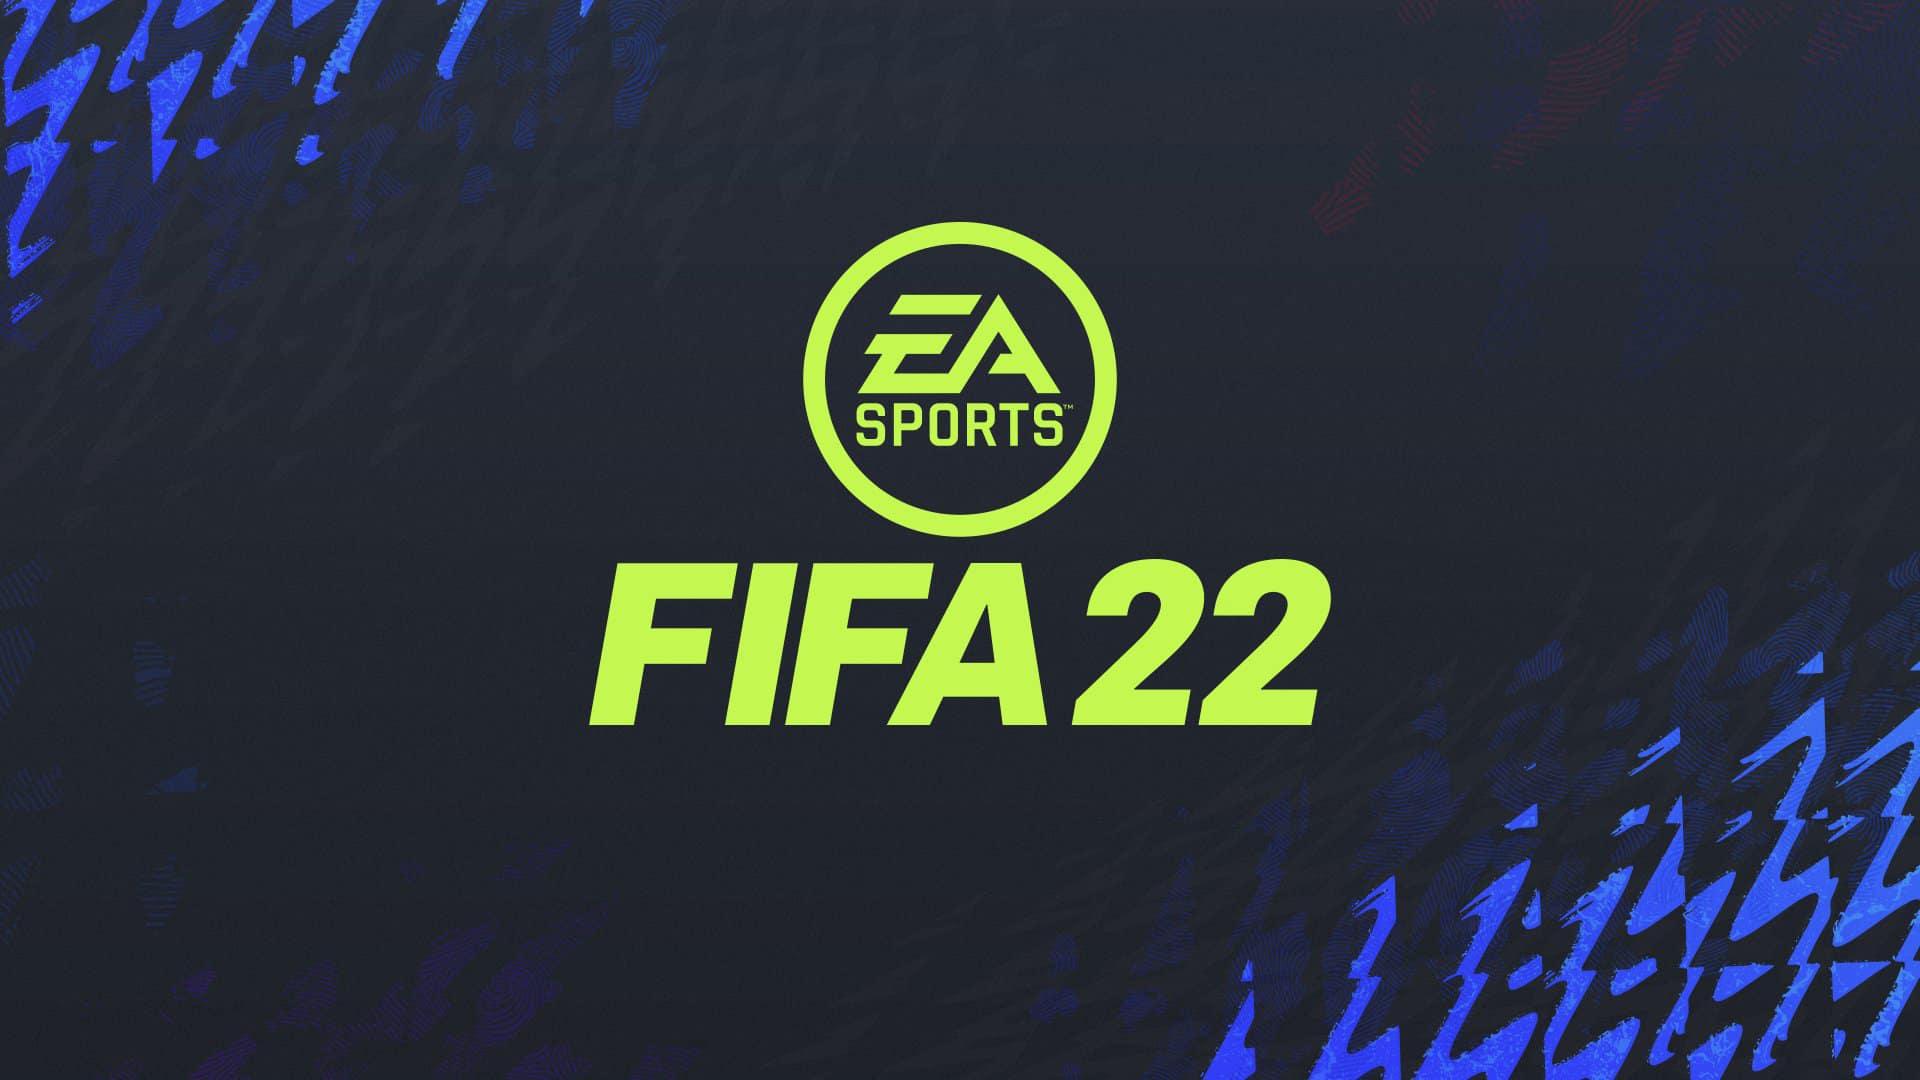 FIFA 22 es un éxito, pero EA Sports considera un cambio para el nombre de su juego de fútbol